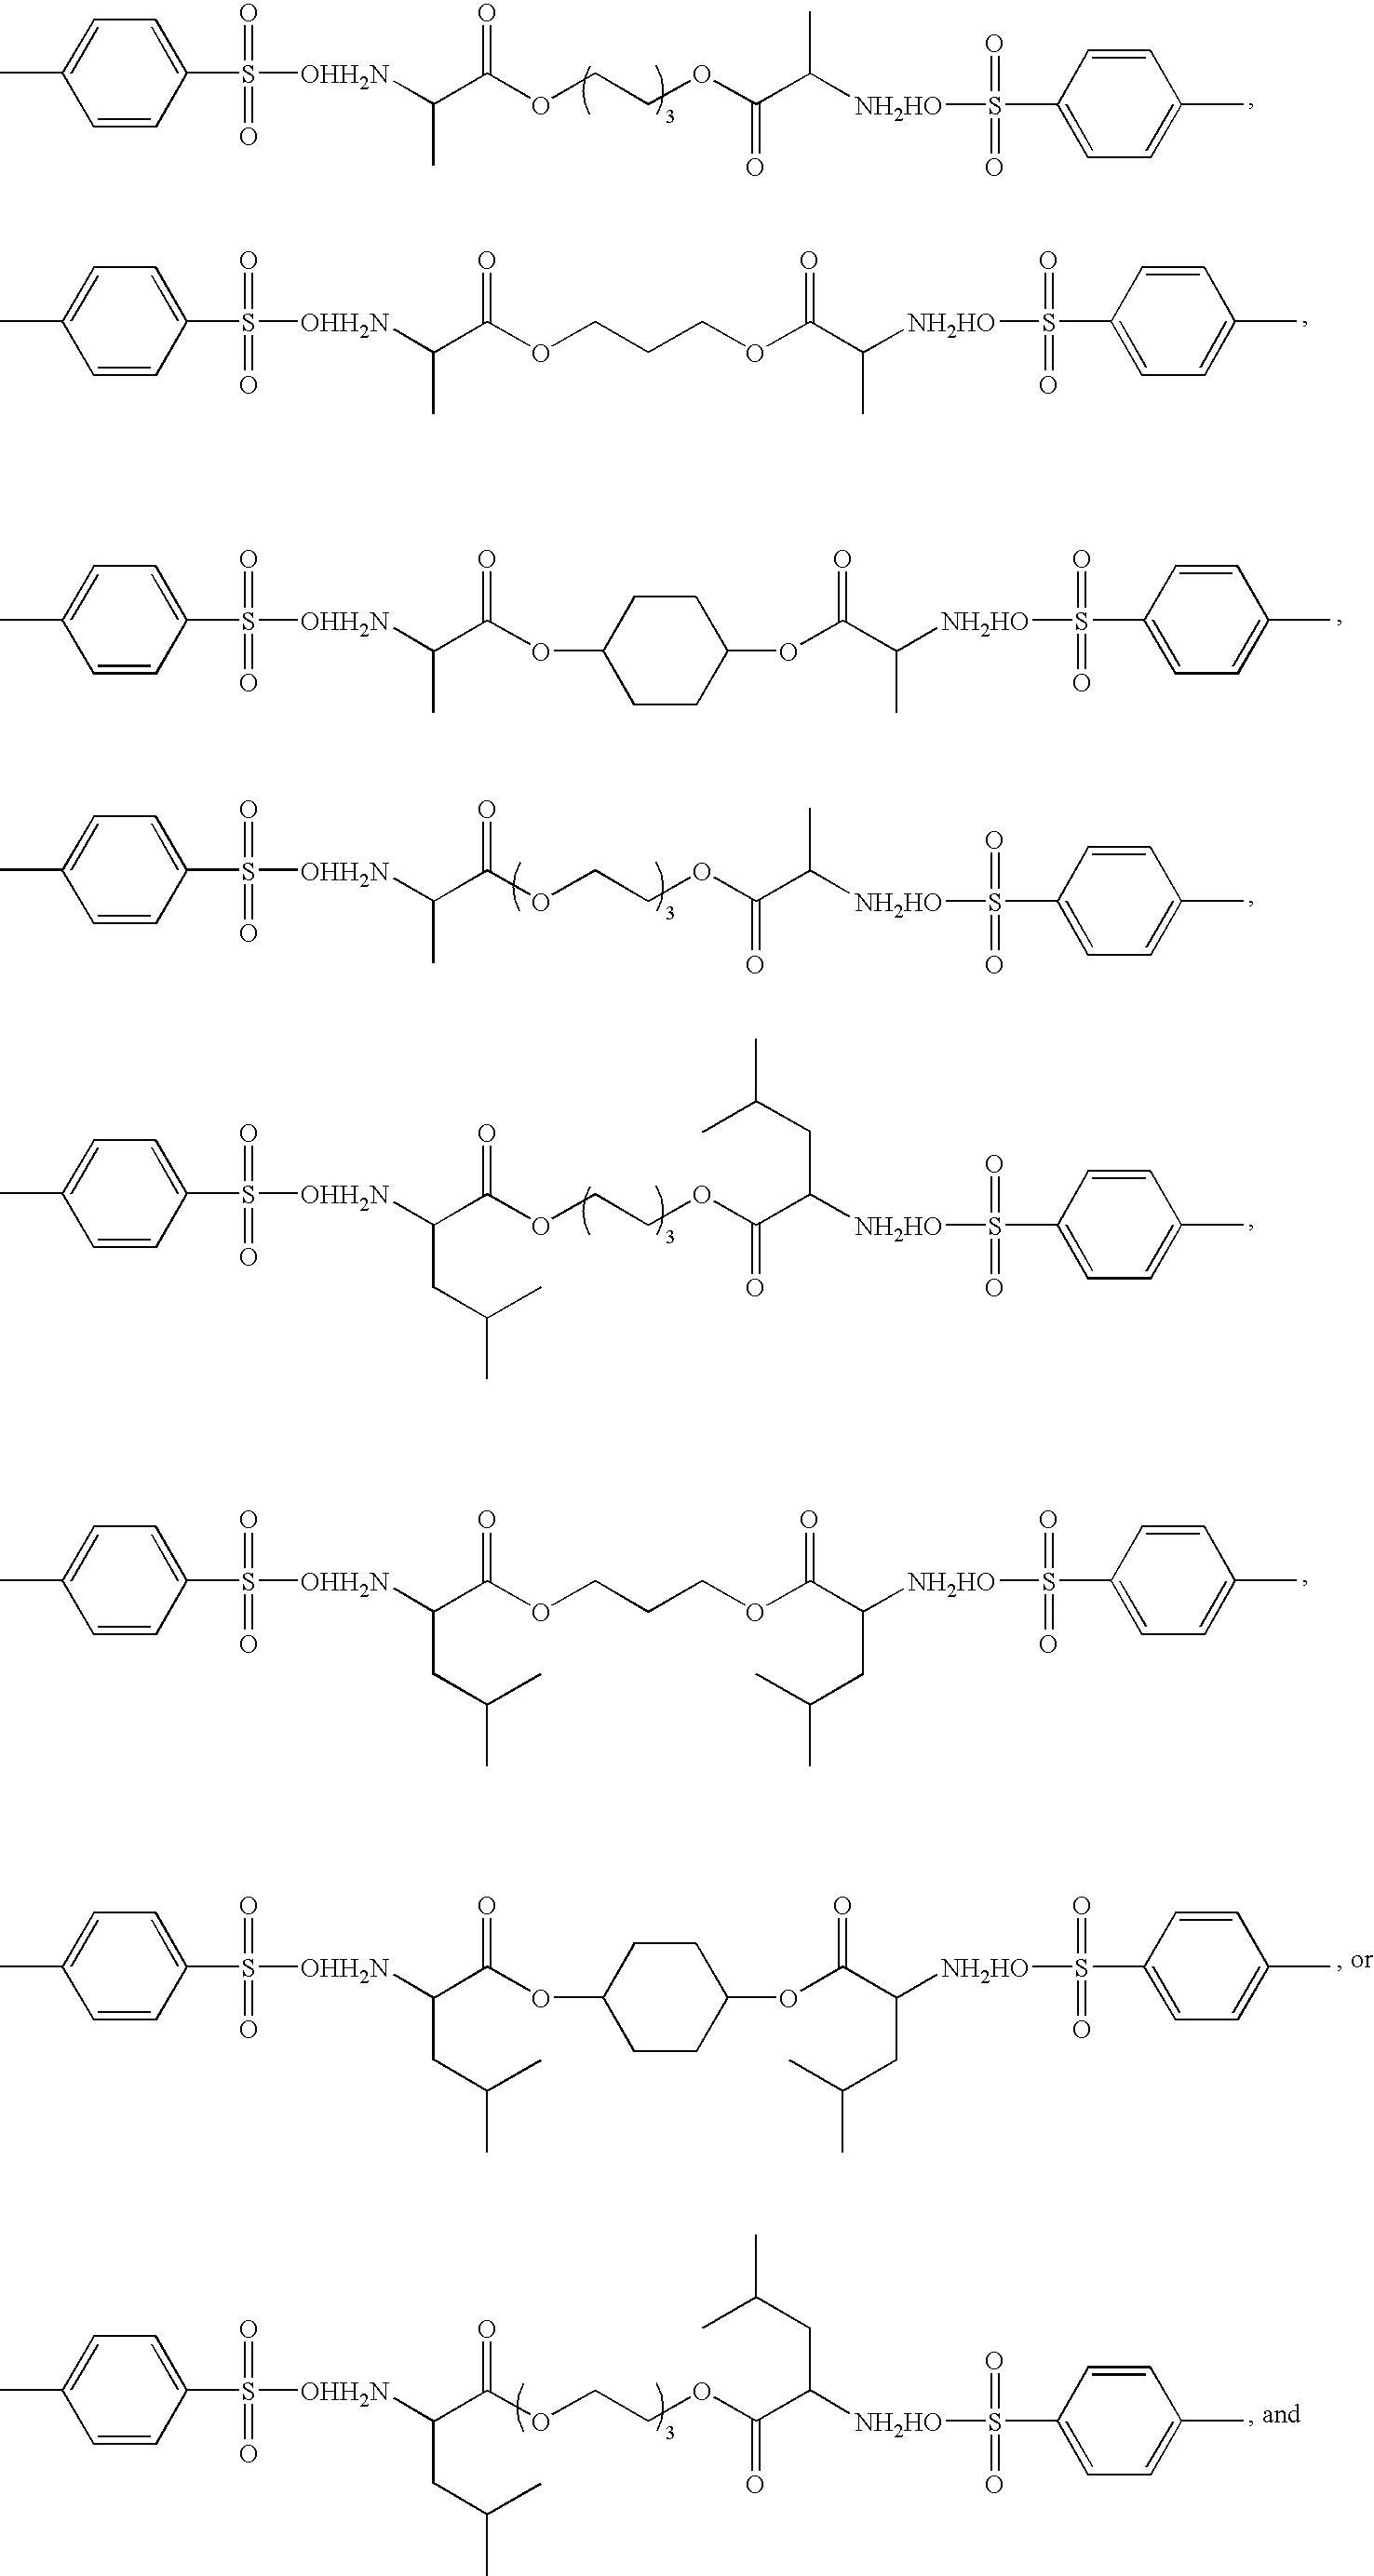 Figure US20090181063A1-20090716-C00061